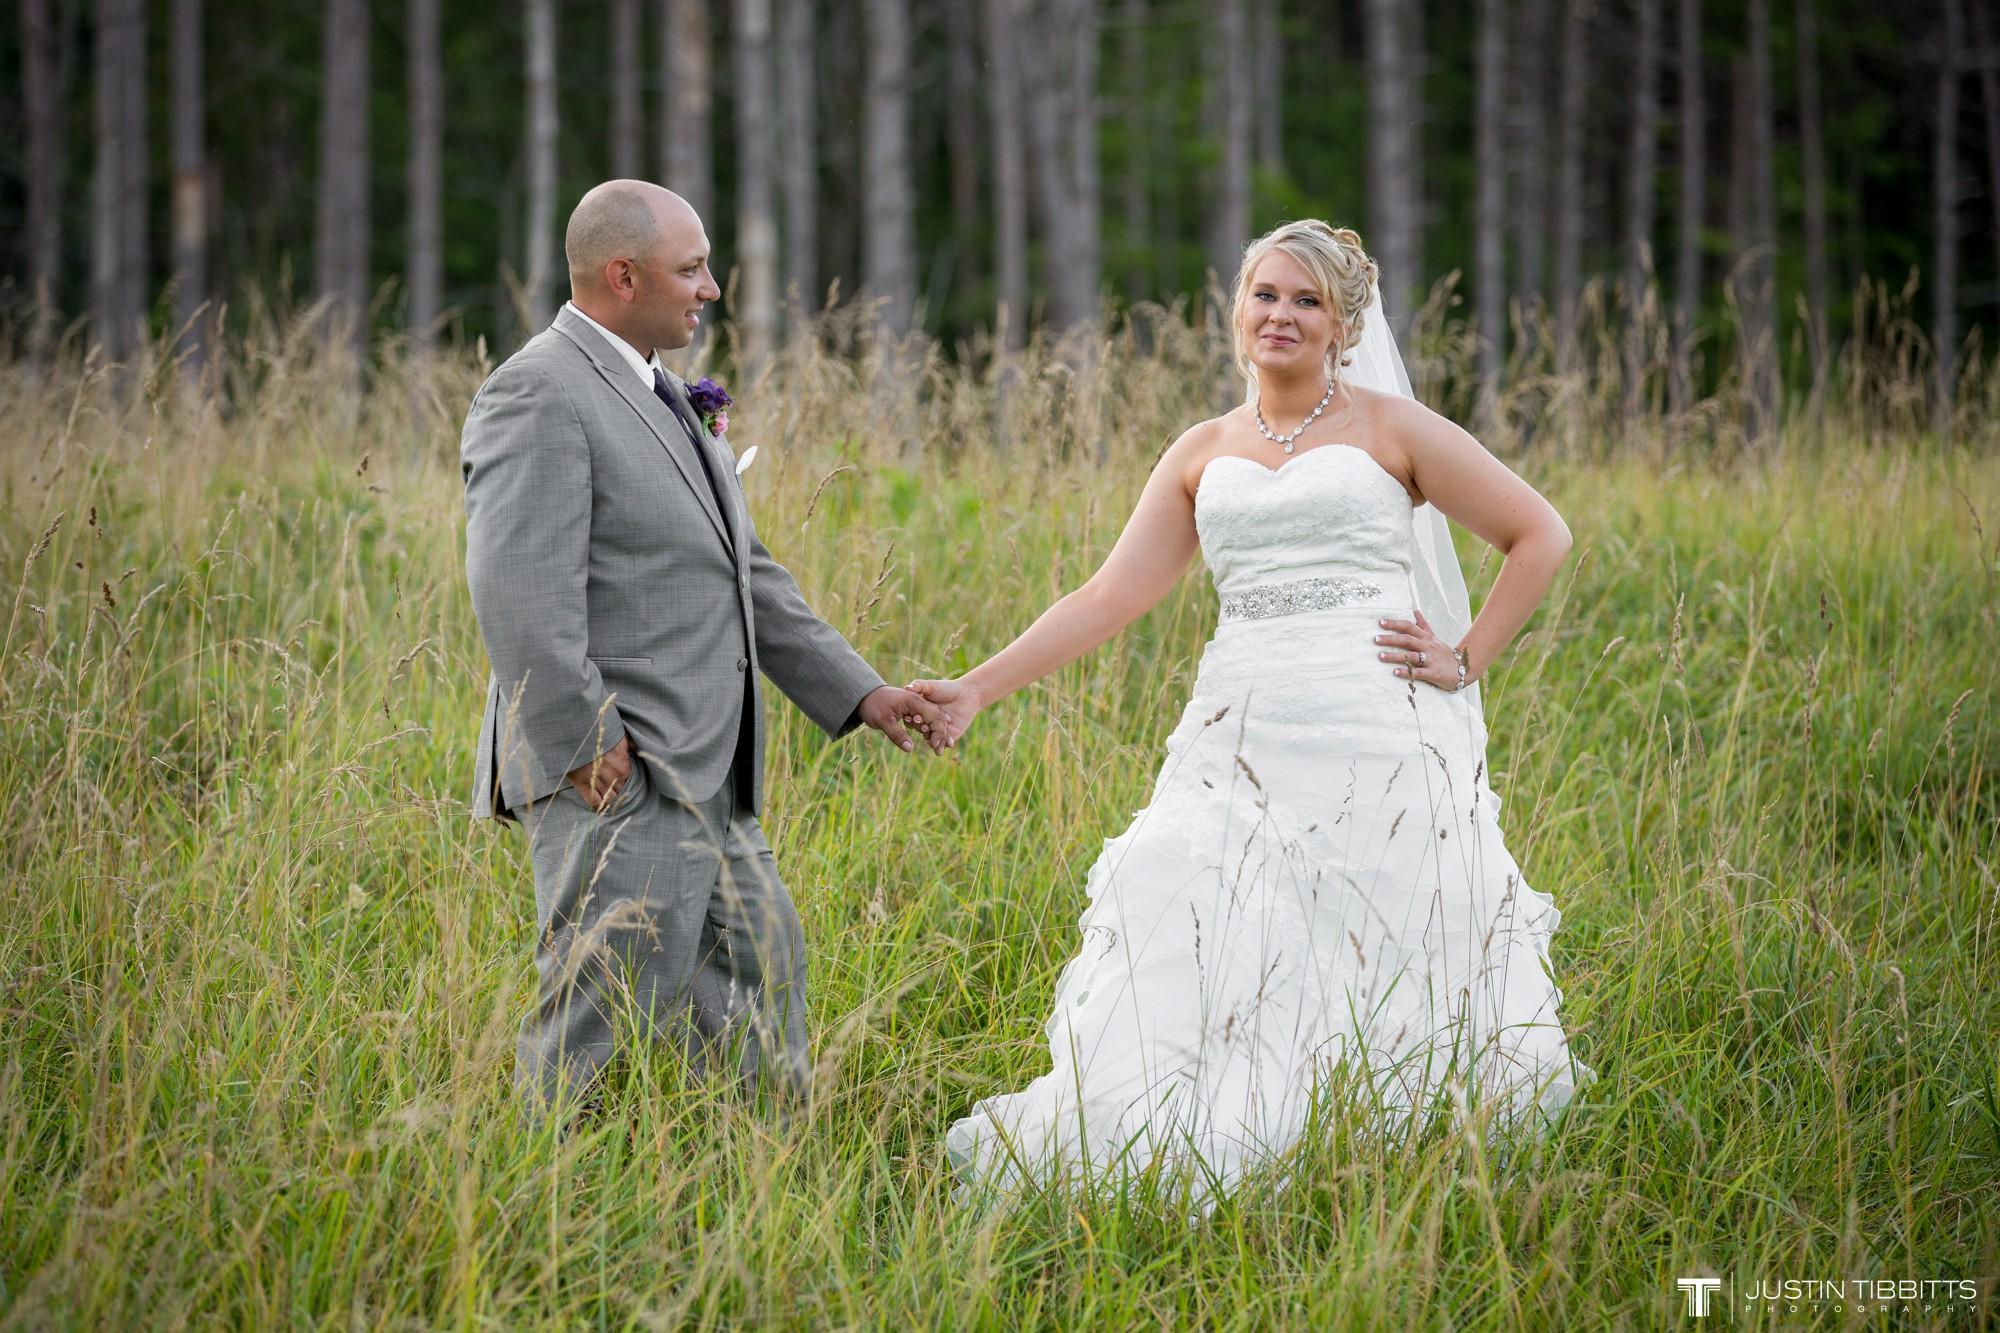 Albany NY Wedding Photographer Justin Tibbitts Photography 2014 Best of Albany NY Weddings-4882128